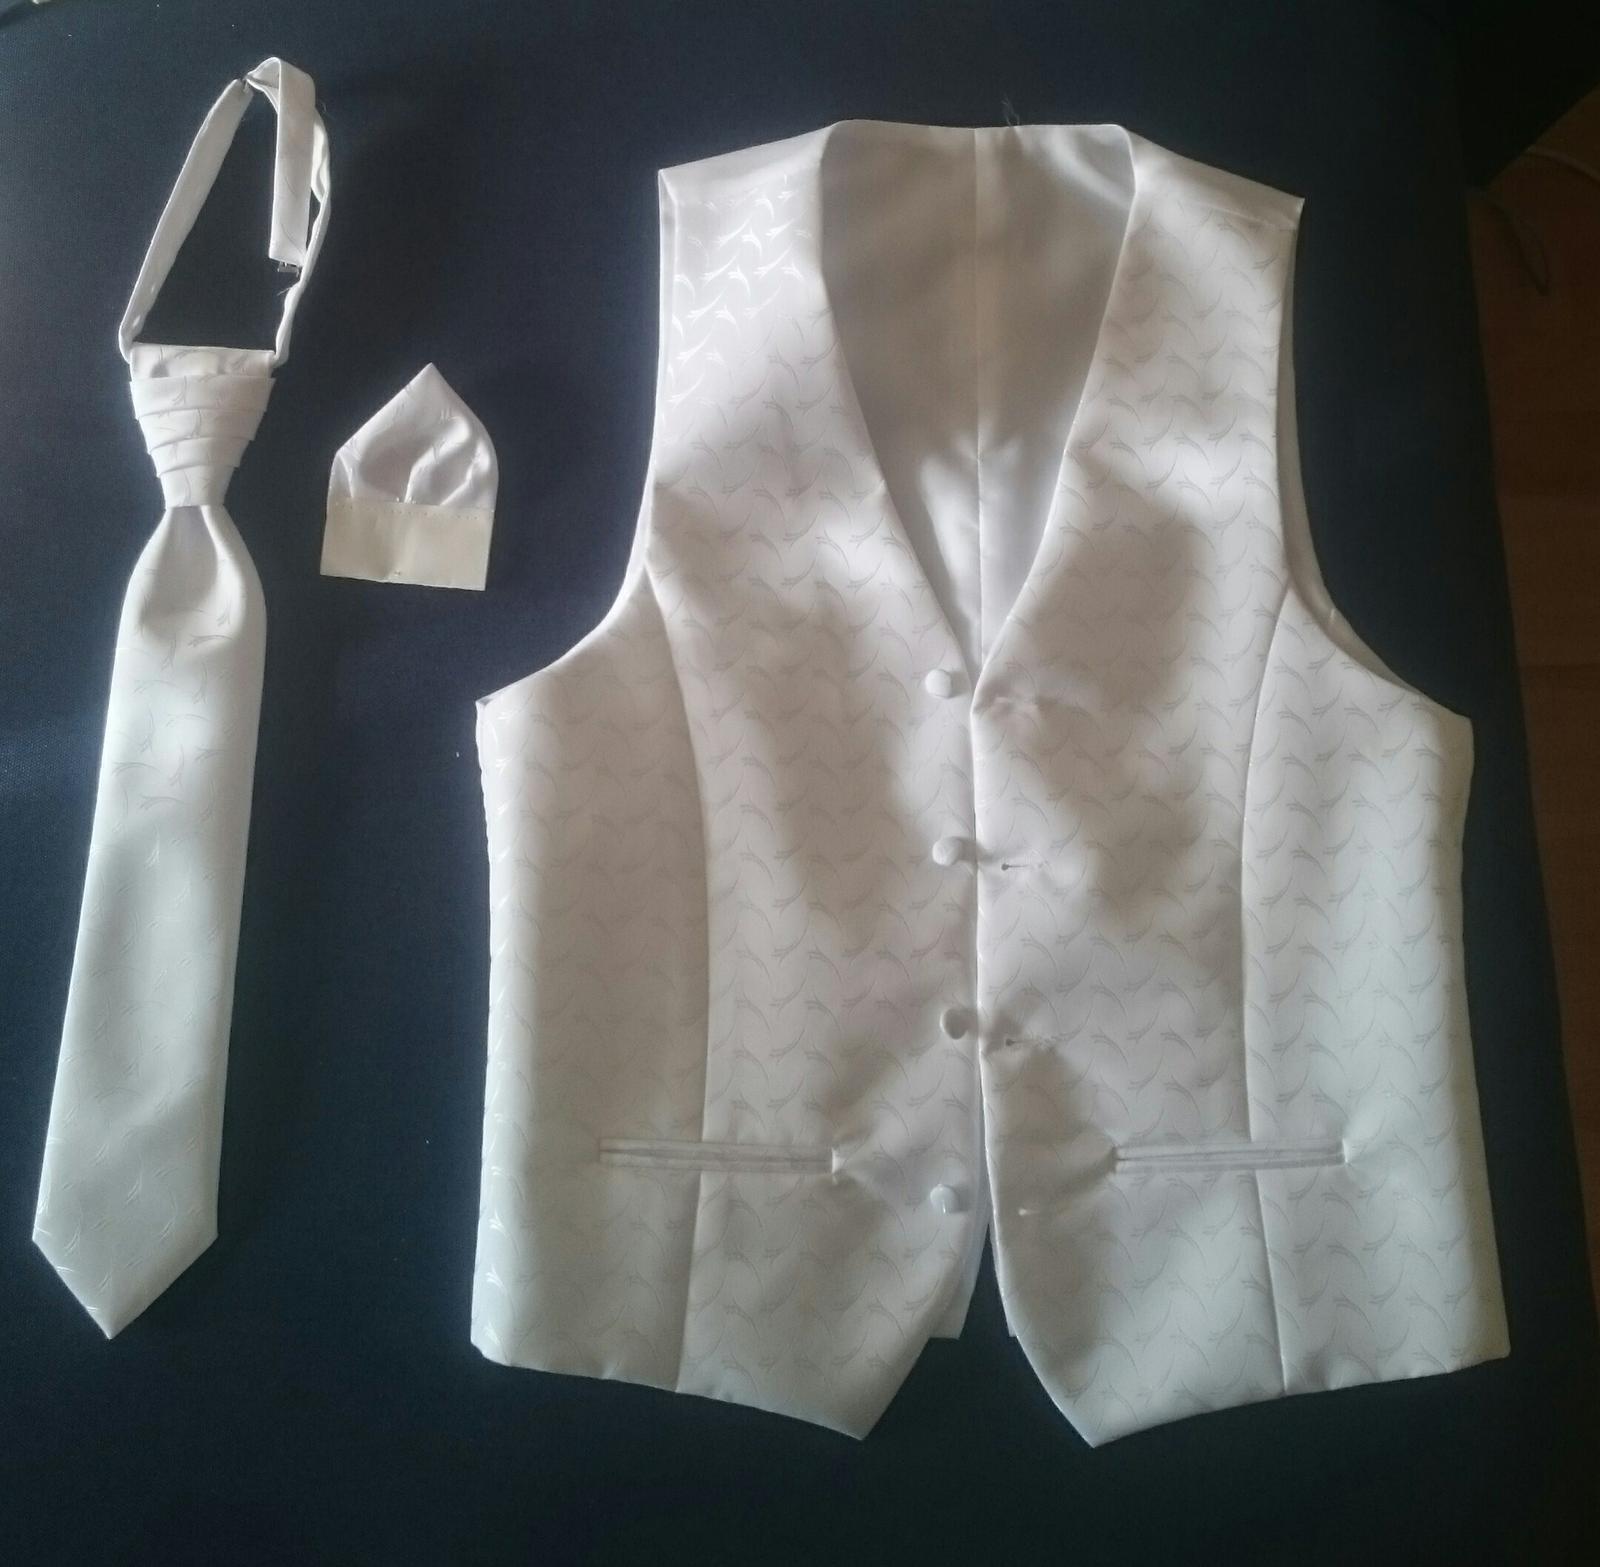 Svadobná vesta s kravatou a vreckovkou - Obrázok č. 1